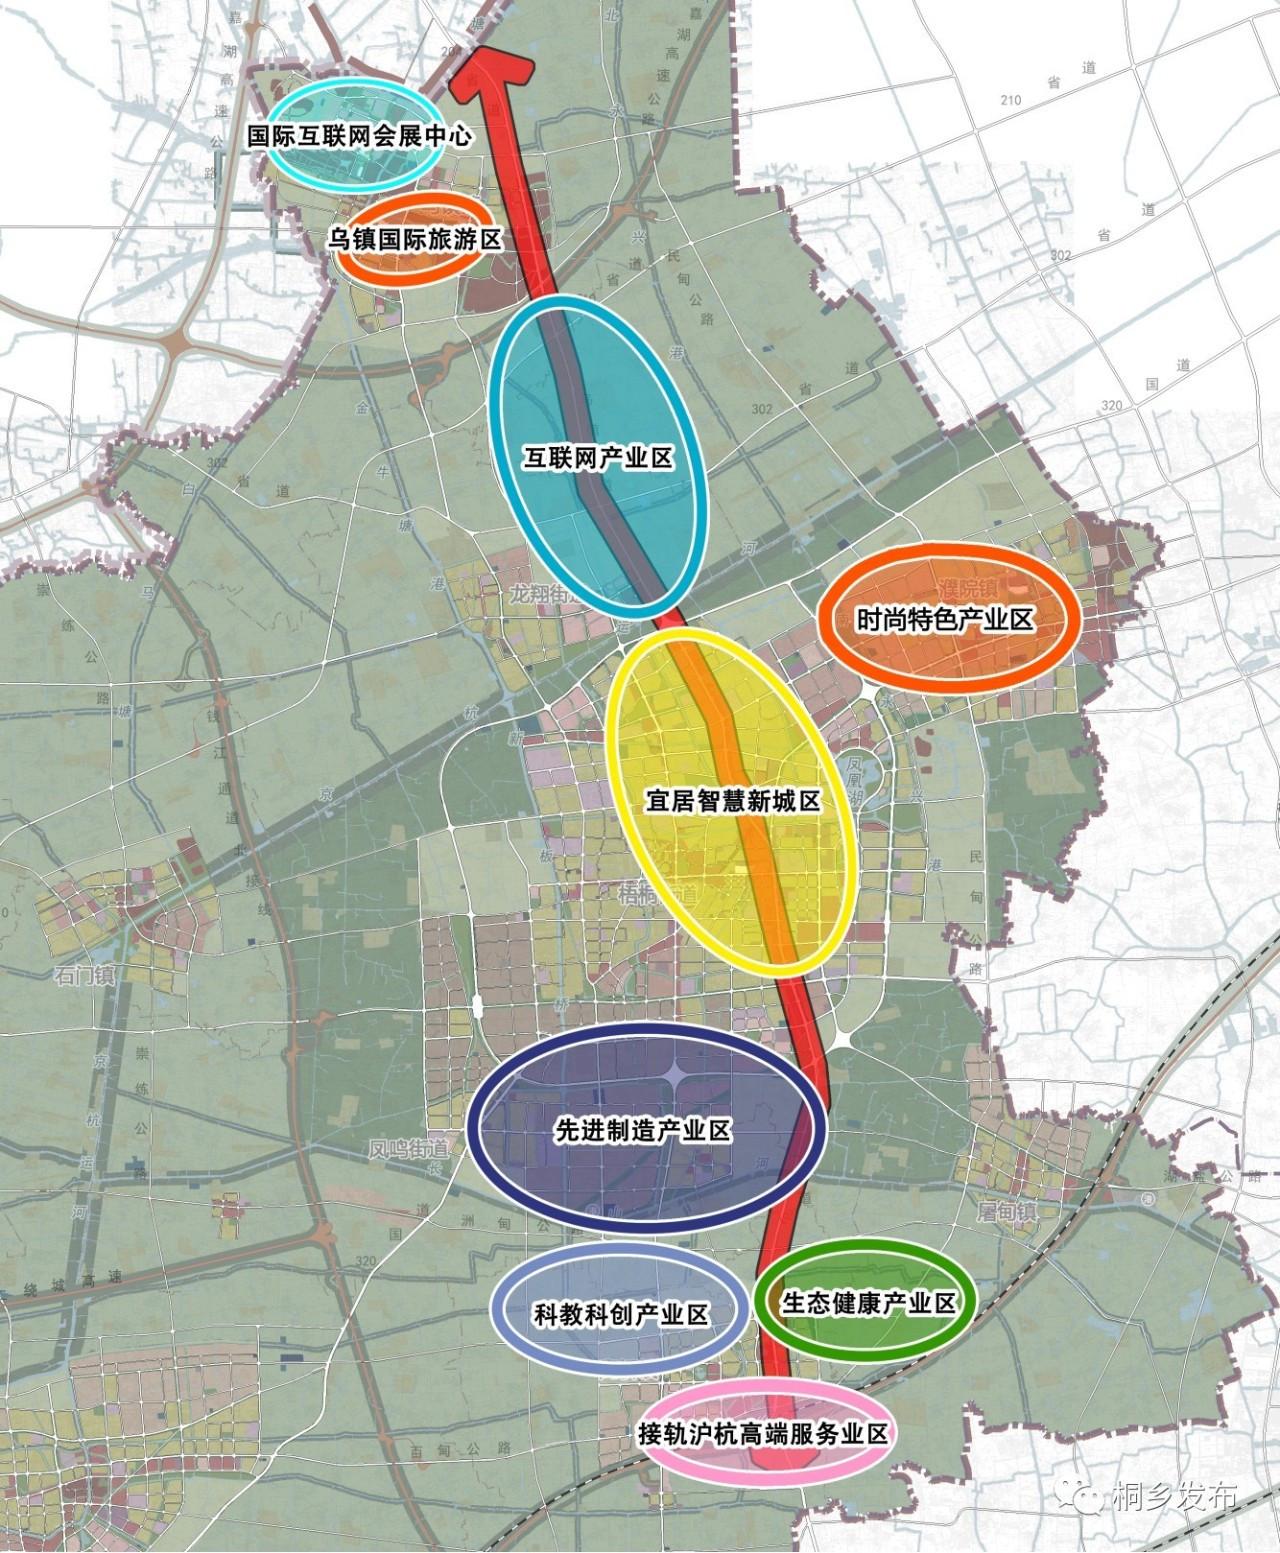 这条关系到桐乡发展新格局的大道,最新战略规划正式出炉,桐乡人必看!图片